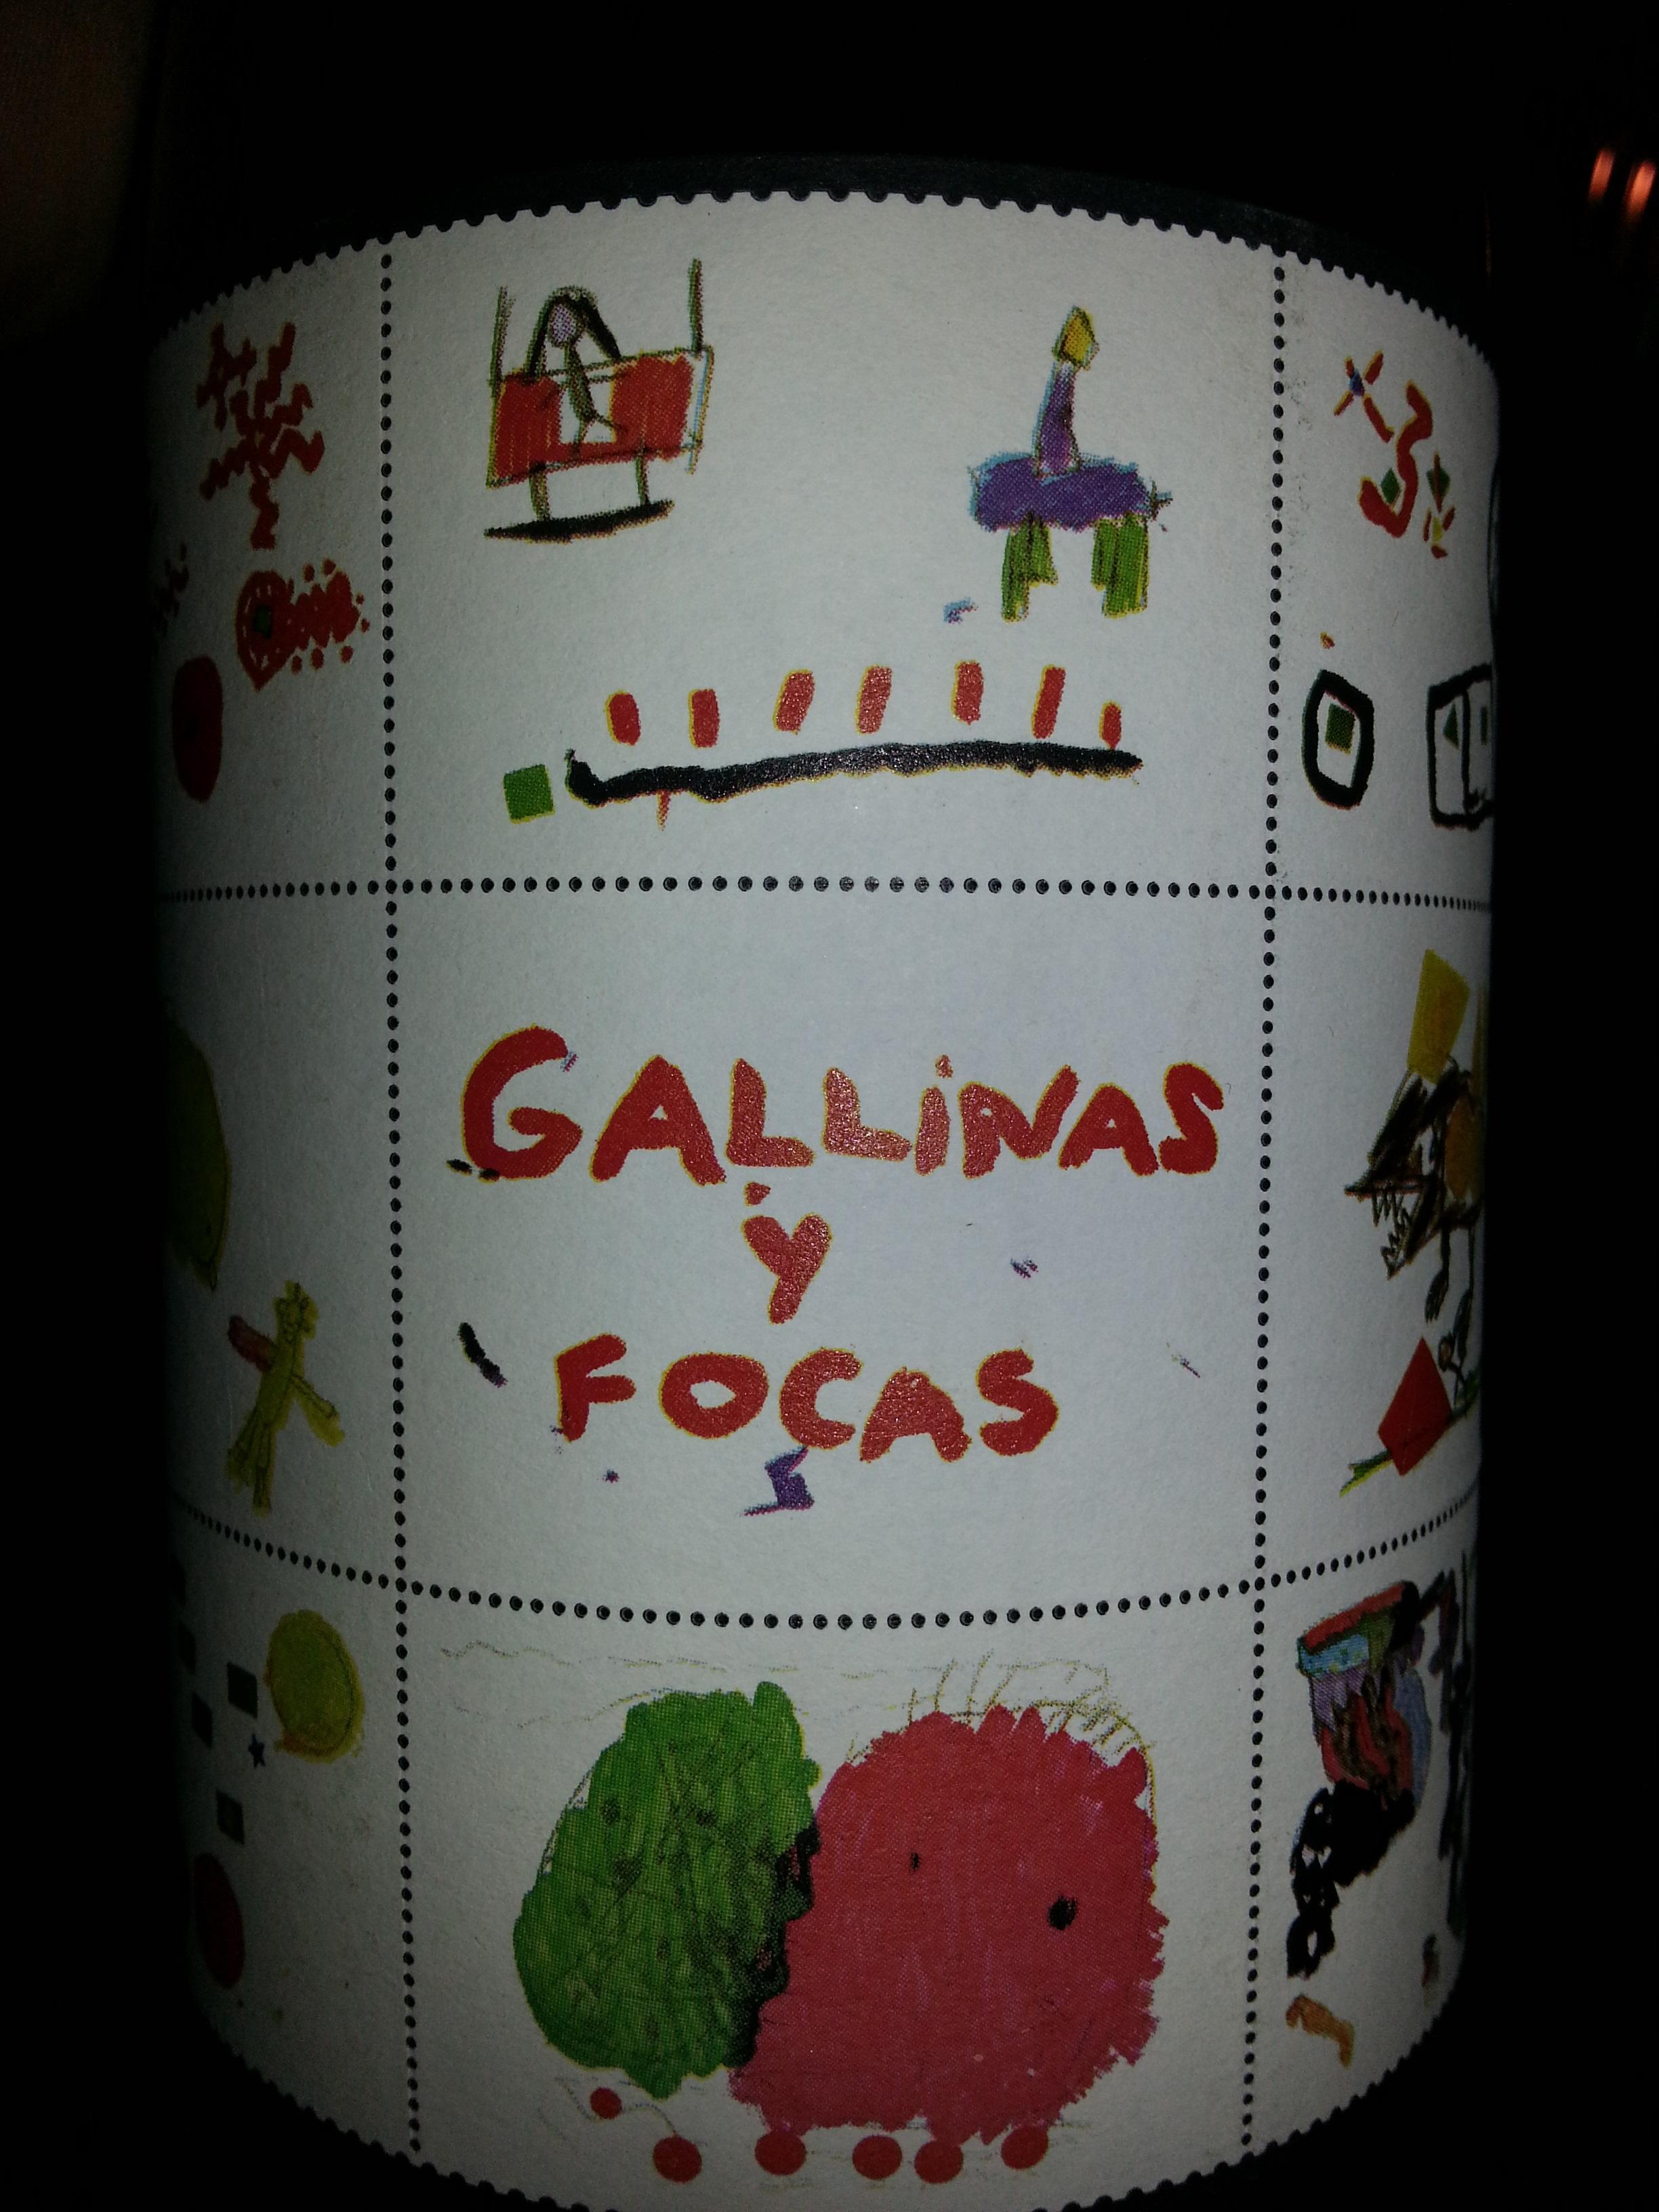 2014 Gallinas y Focas | 4 kilos